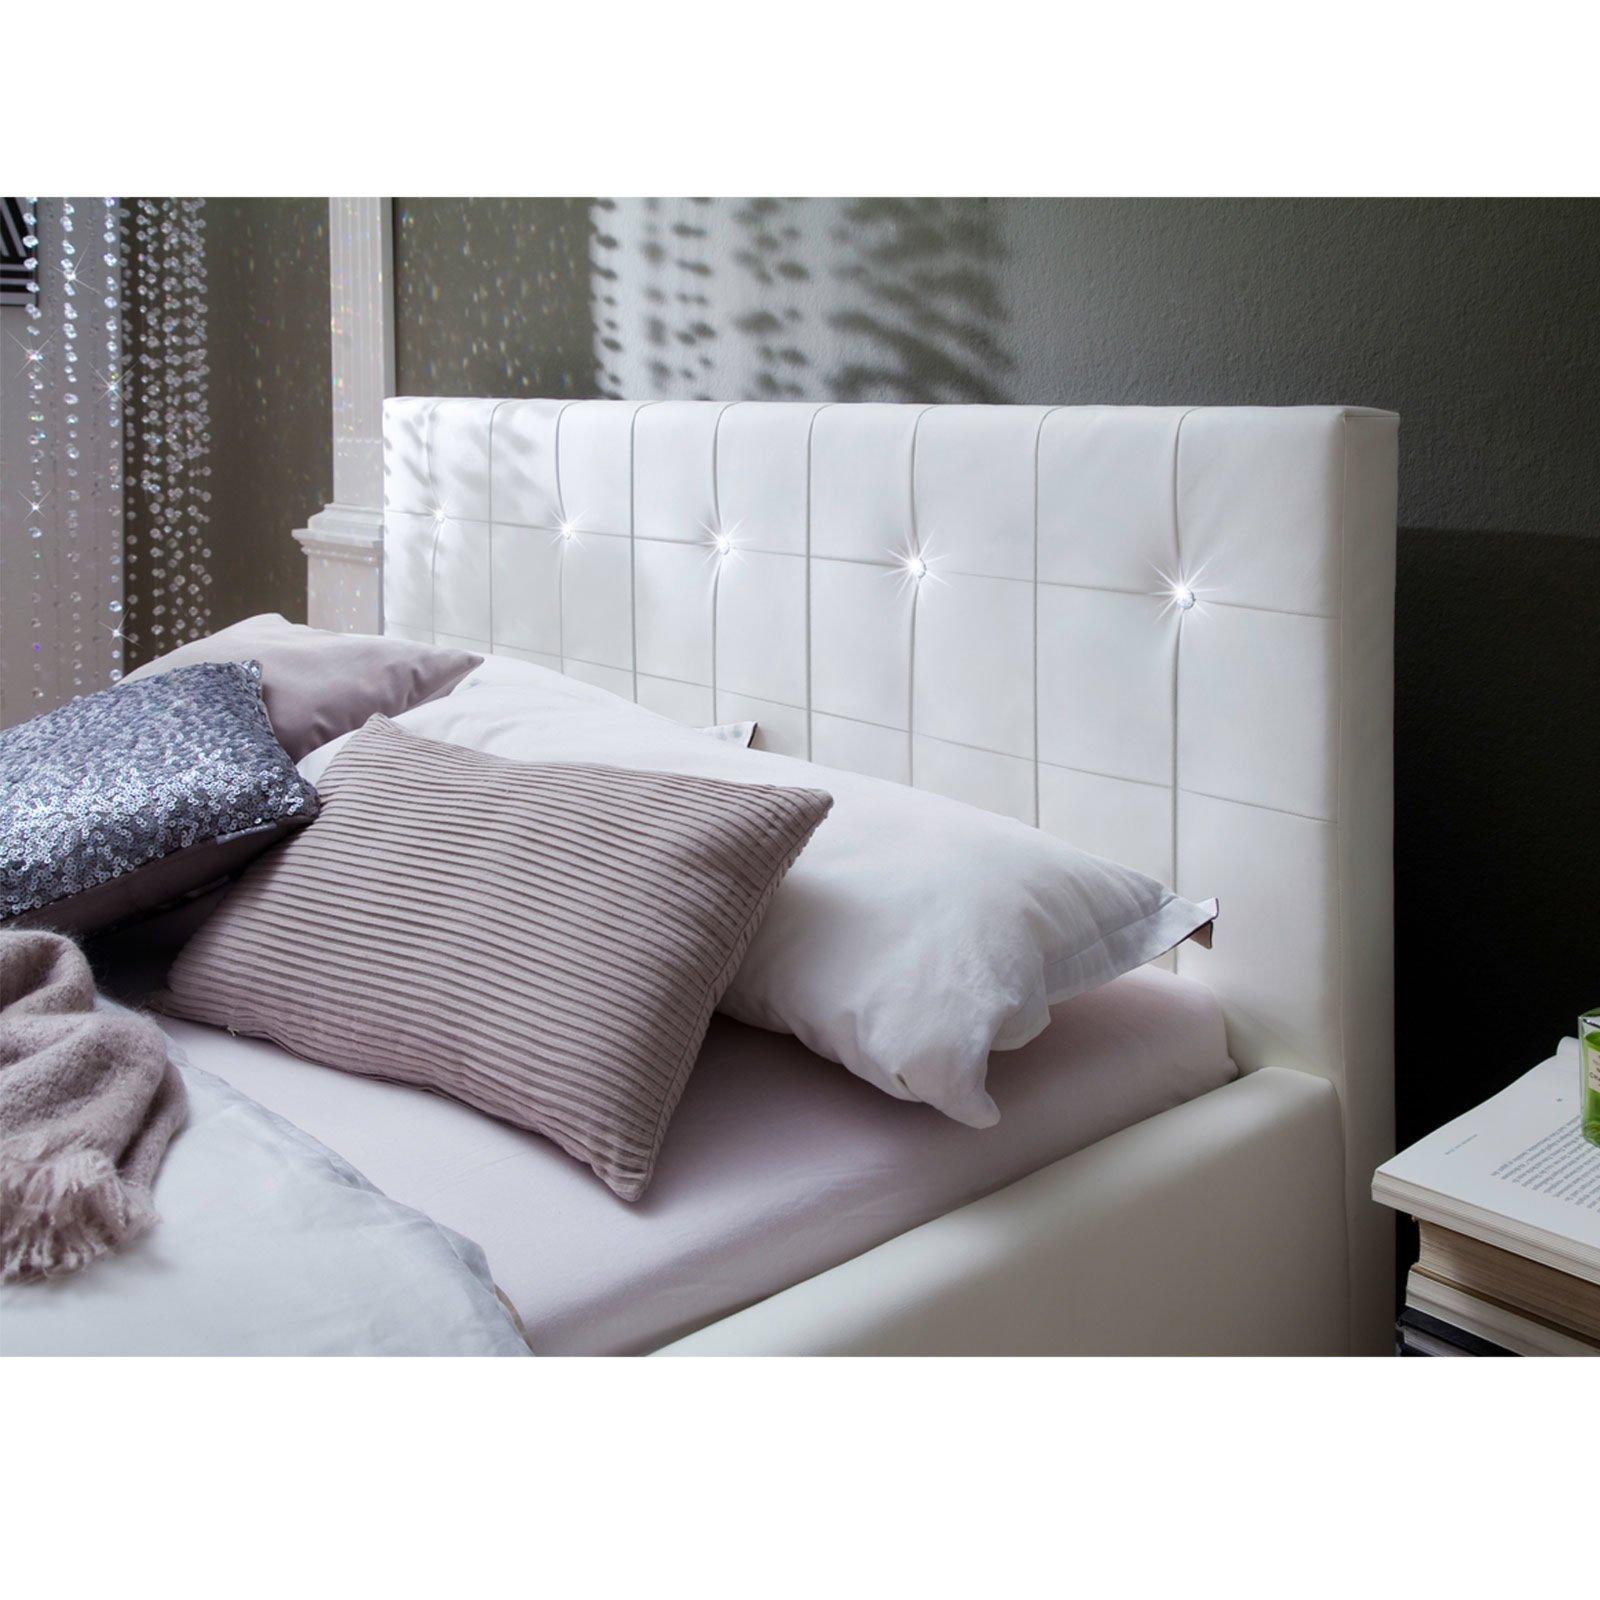 polsterbett cristallo wei mit swarovski kristallen ebay. Black Bedroom Furniture Sets. Home Design Ideas